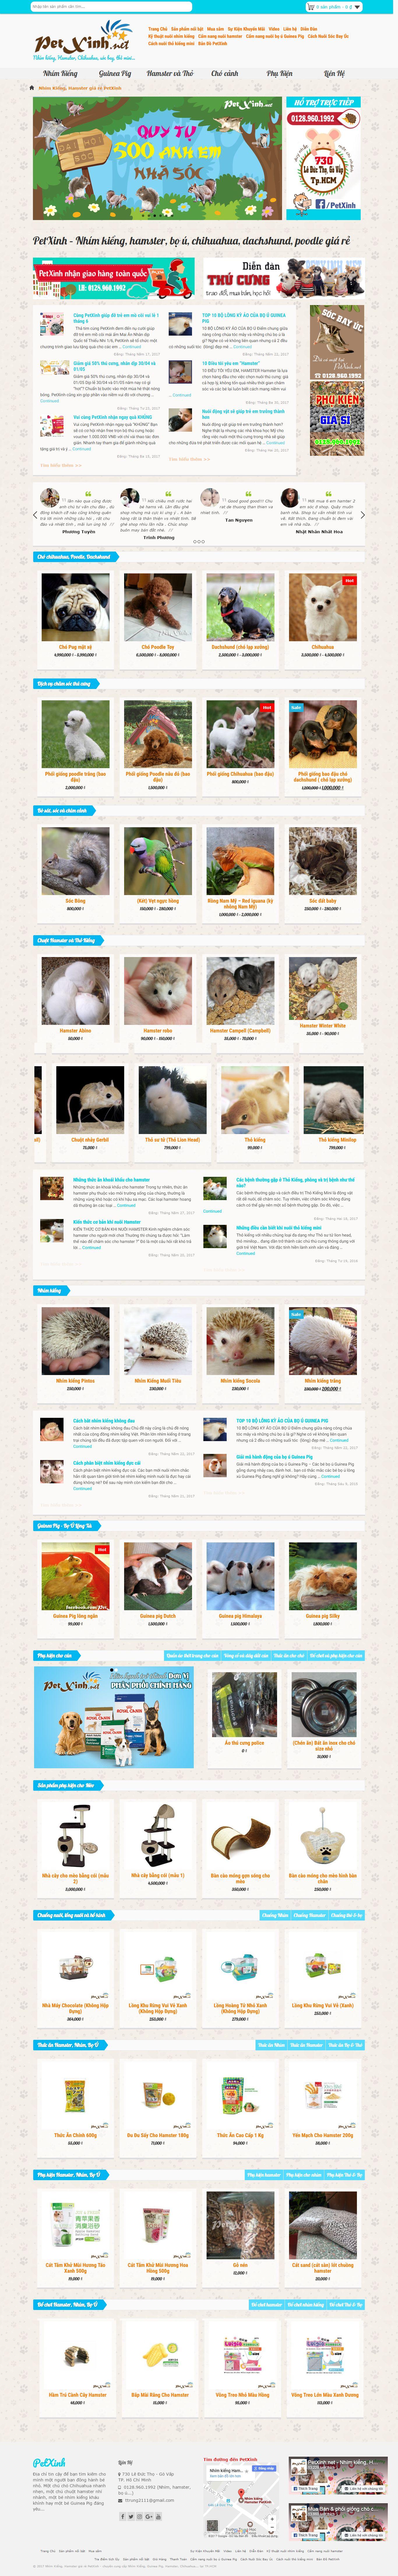 Thiết kế website pet xinh đẹp, chuyên nghiệp chuẩn SEO